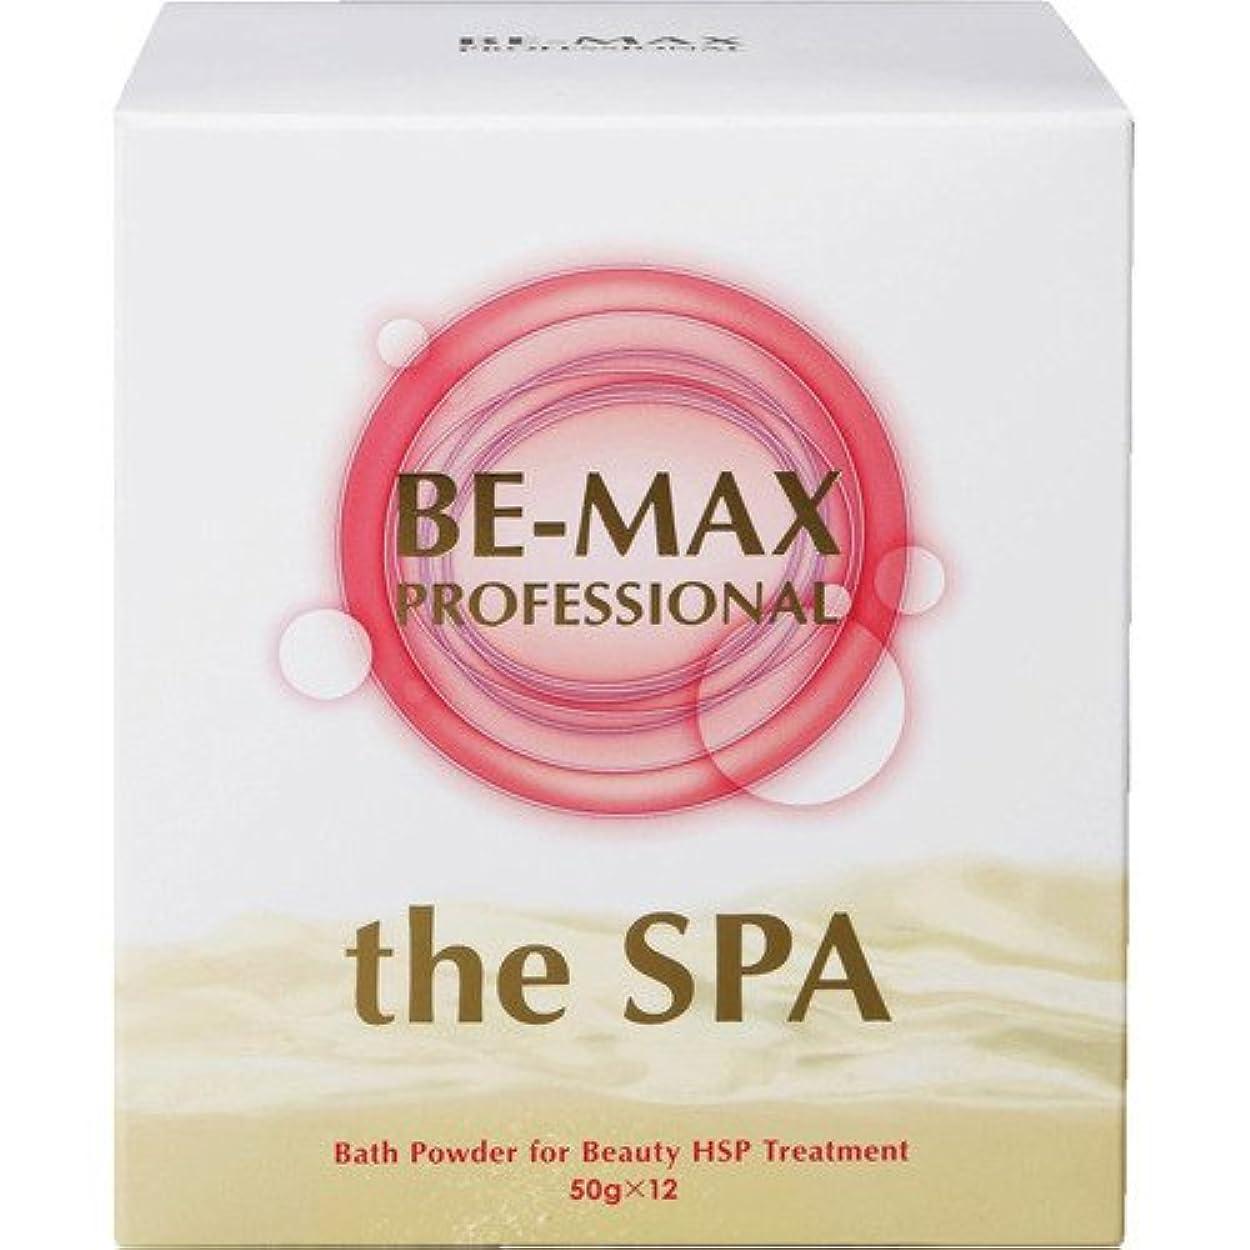 ほこりキャメル歩道BE-MAX the SPA 入浴剤 柑橘系ハーブ精油がふわりと香る微炭酸湯